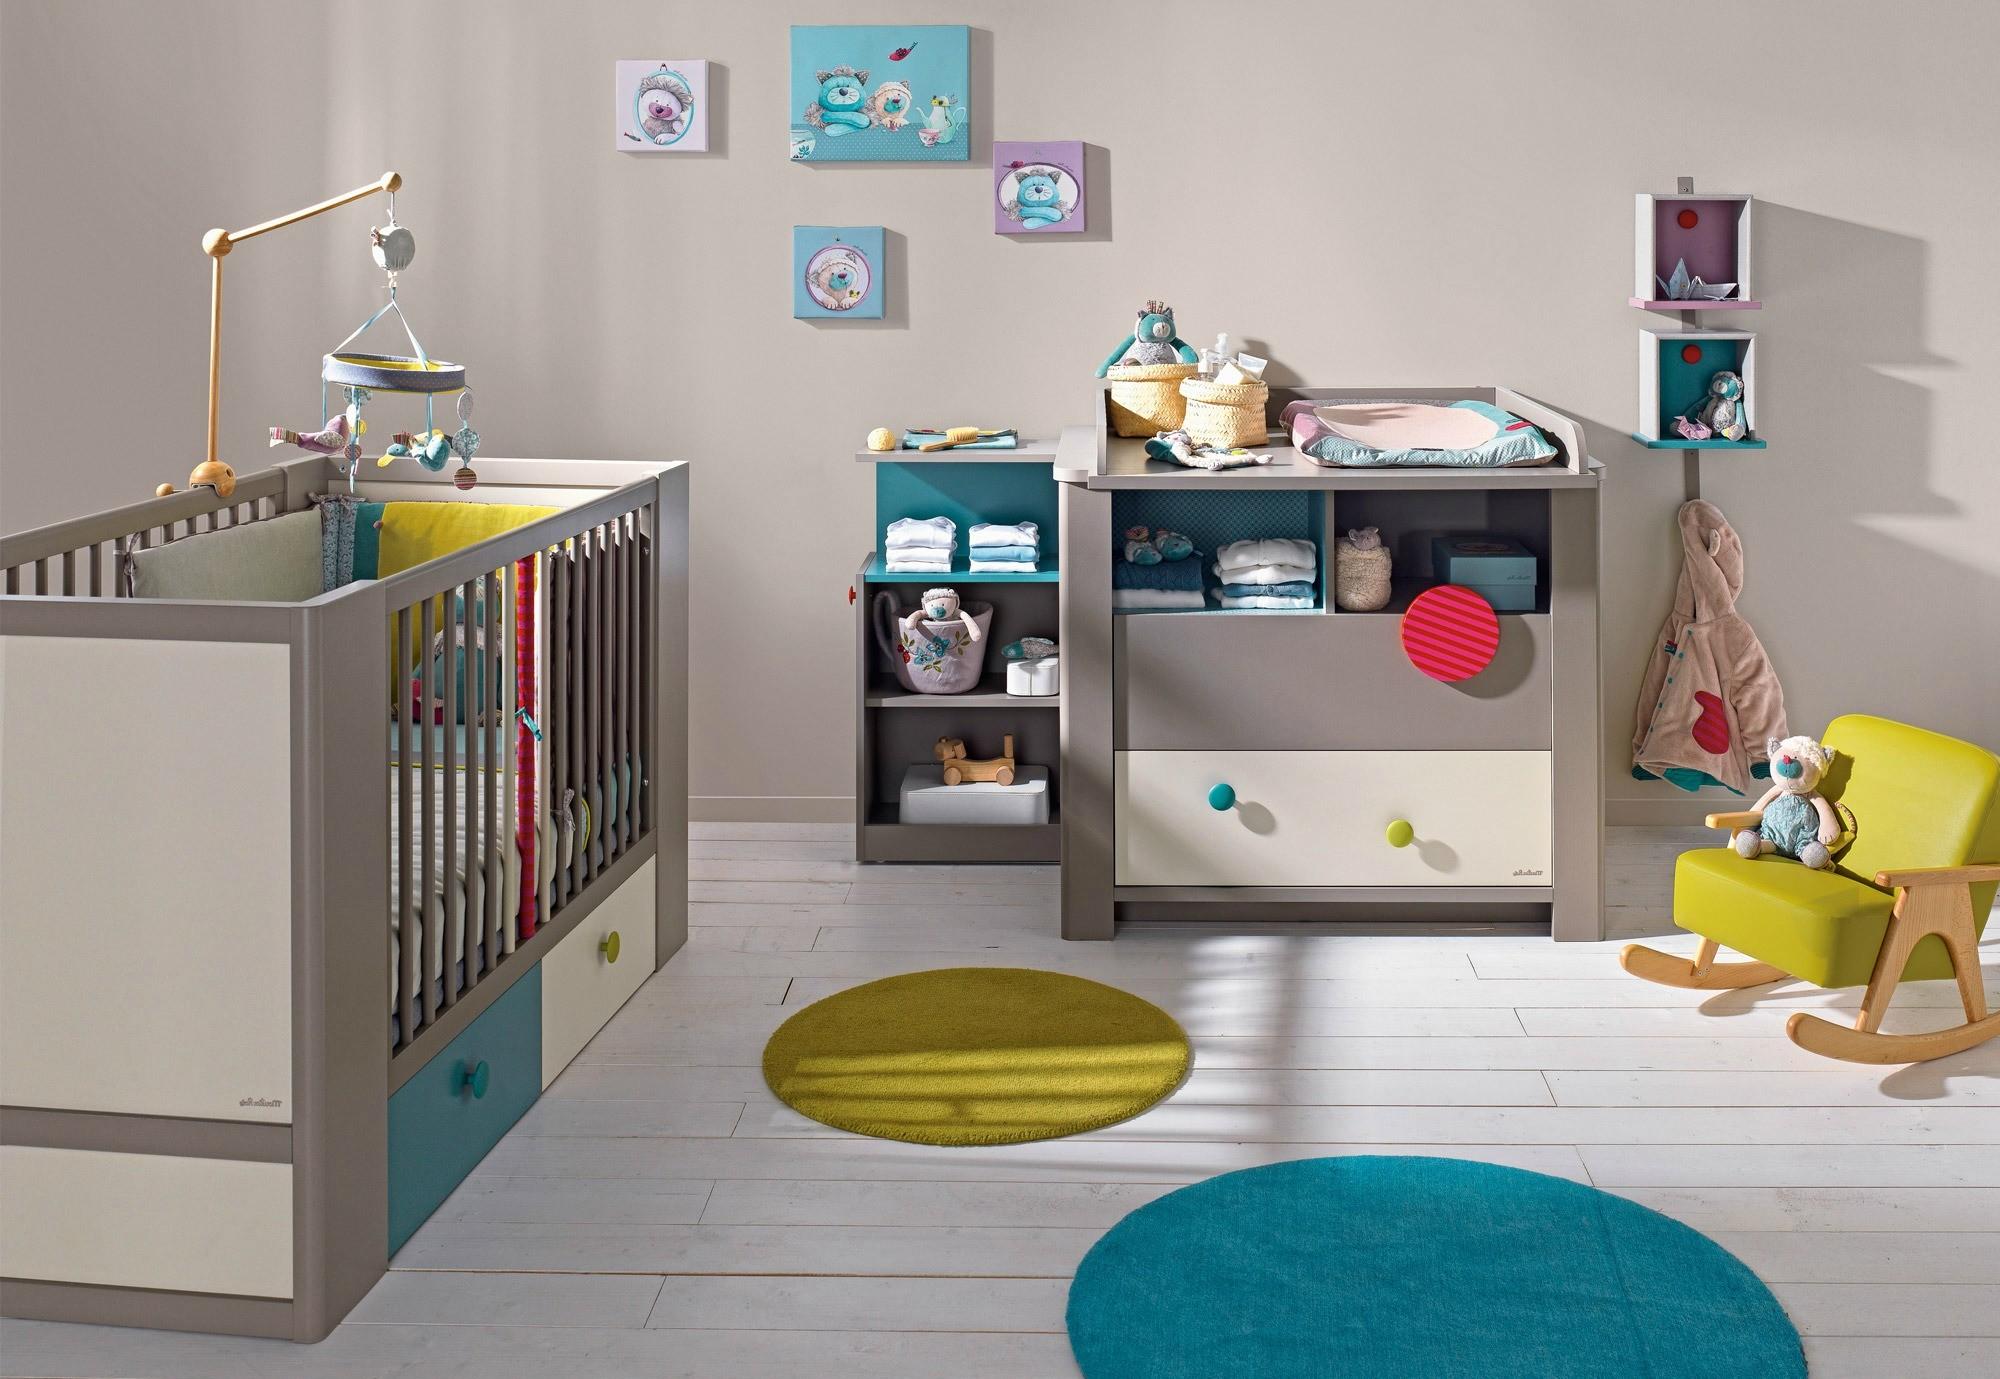 chambre a coucher bebe aubert chambre id es de d coration de maison jgnxza0dg1. Black Bedroom Furniture Sets. Home Design Ideas